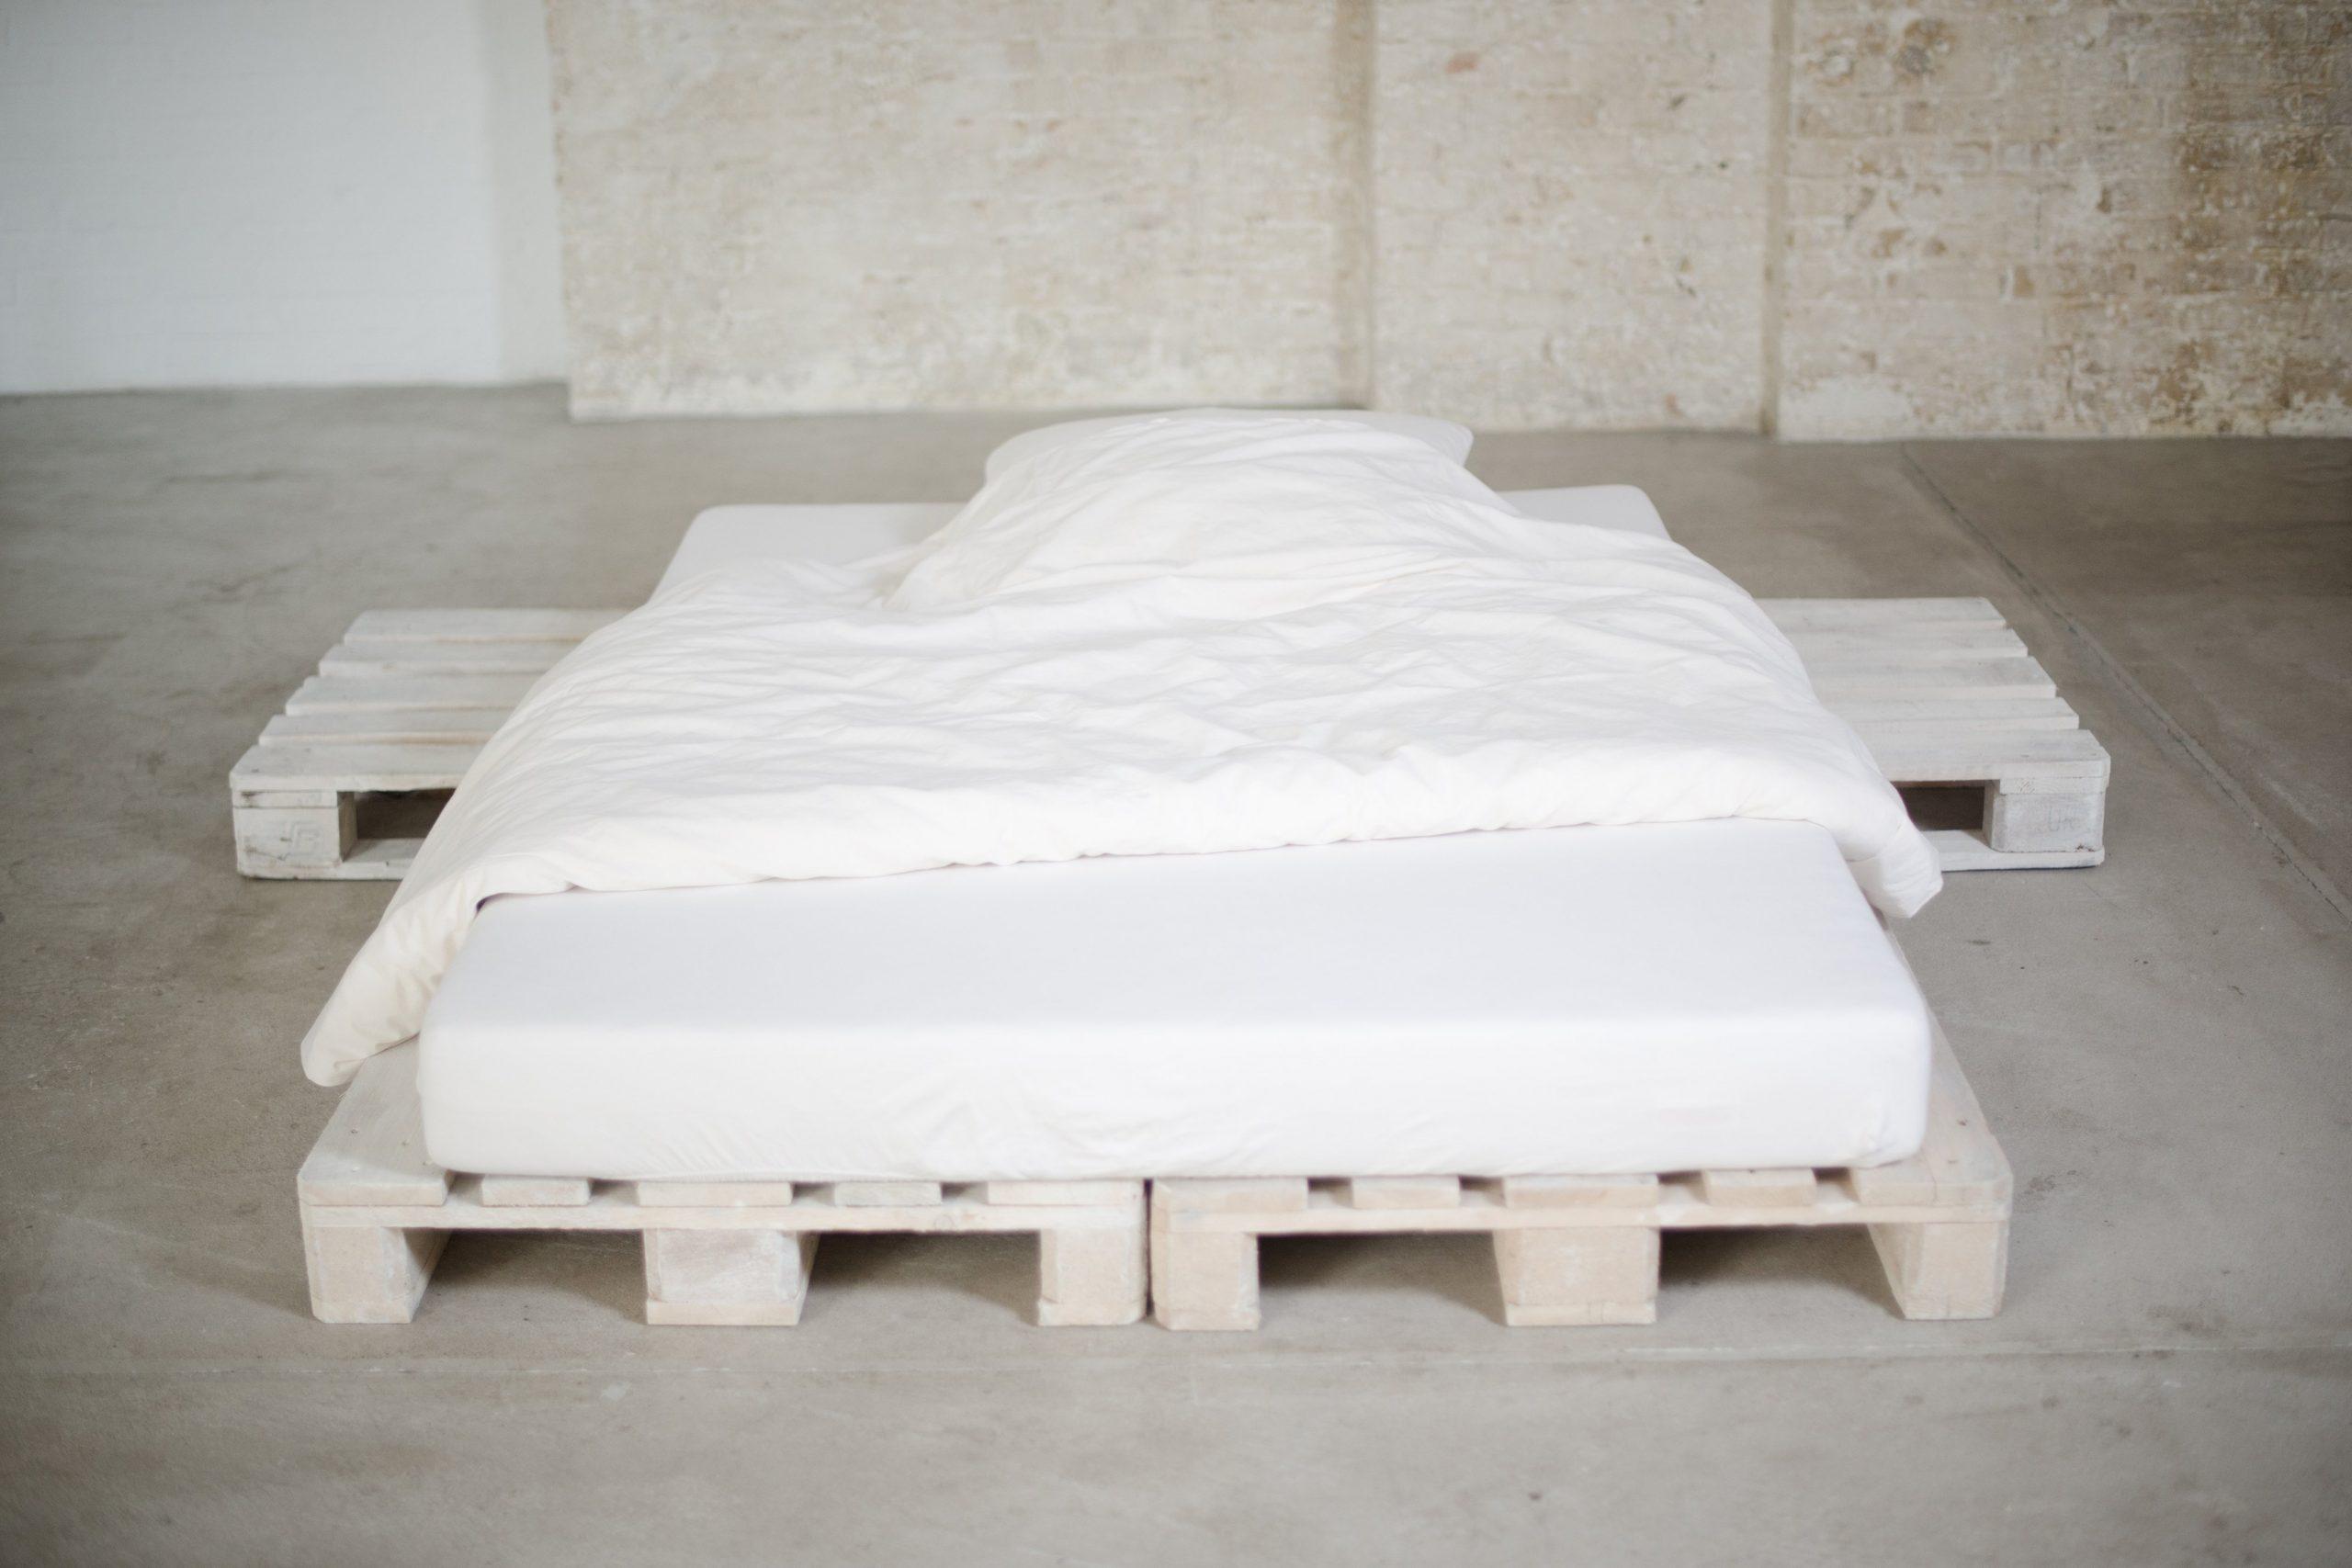 Full Size of Gebrauchte Betten Paletten Upcycling Leicht Gemacht Wohnwert Dänisches Bettenlager Badezimmer Günstig Kaufen Billerbeck Düsseldorf Köln Luxus Günstige Bett Gebrauchte Betten